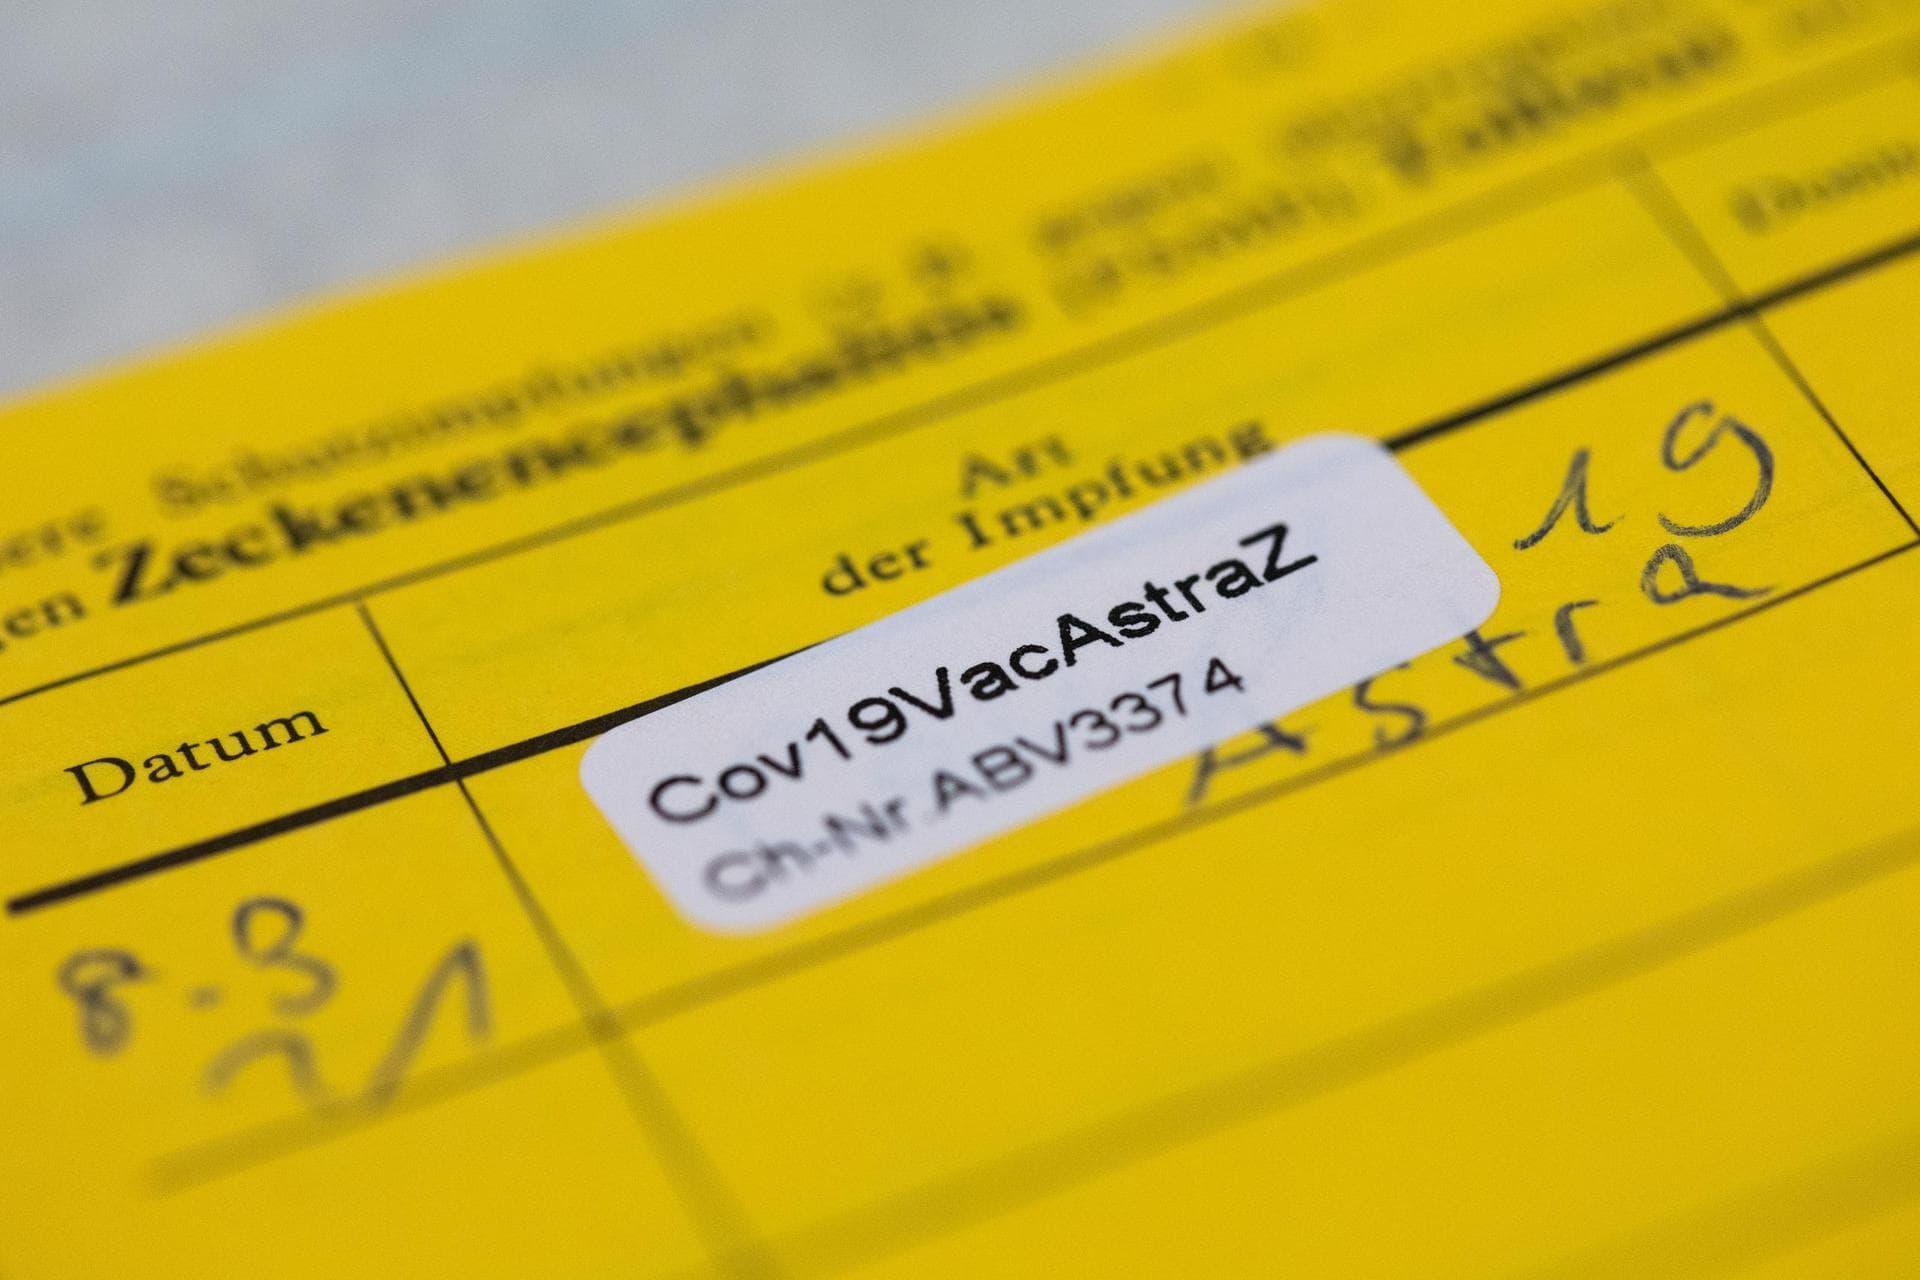 Impfgipfel: Werden die Corona-Regeln für Geimpfte gelockert? Corona-Beschränkungen